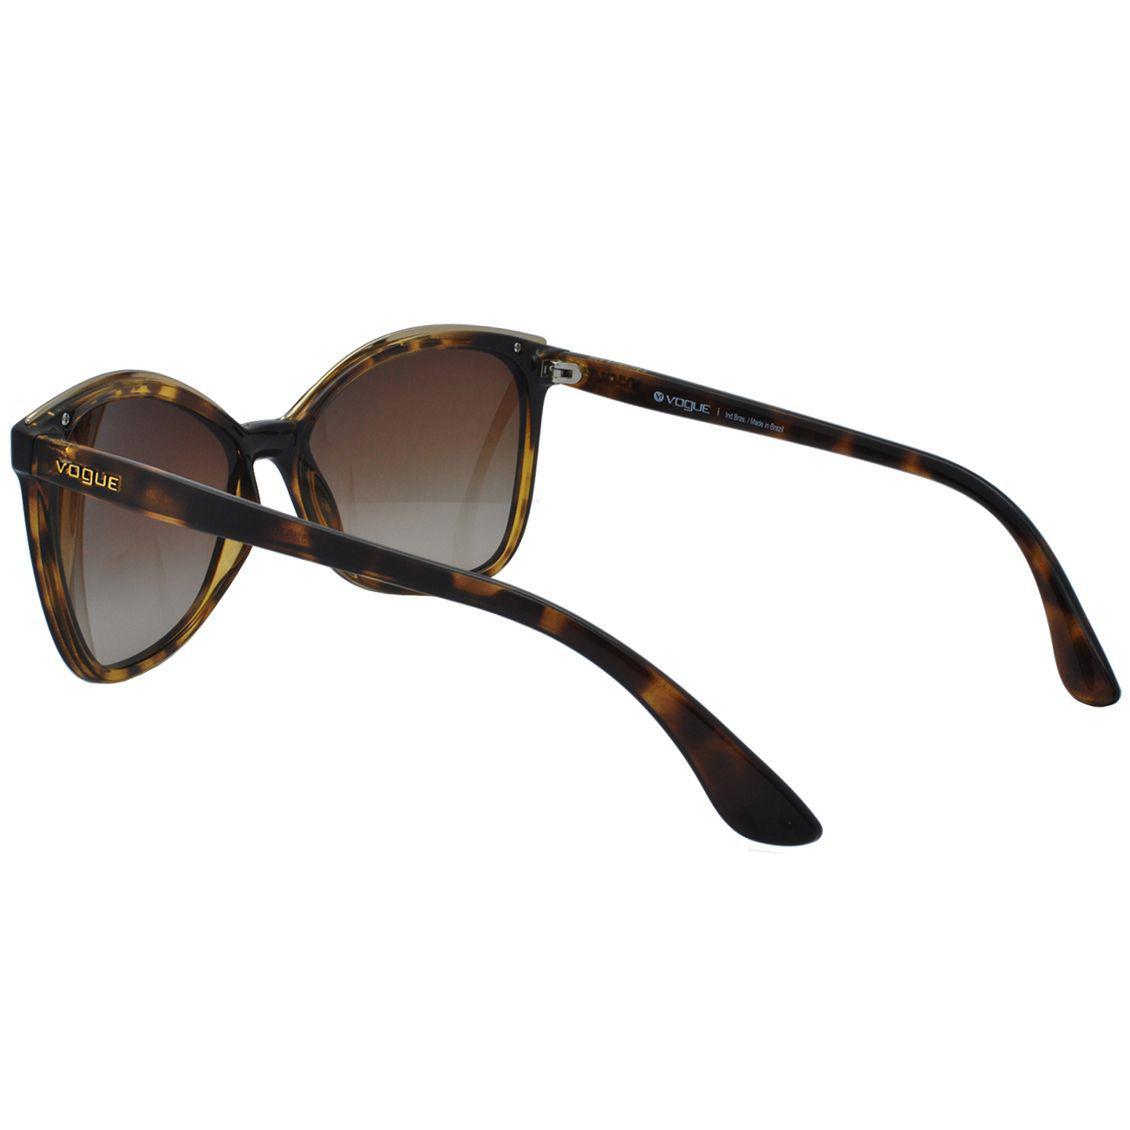 215ff5ff2 Óculos de Sol Vogue Feminino VO5159SL W65613 - Acetato Tartaruga Marrom e  Lente Marrom Degradê R$ 400,00 à vista. Adicionar à sacola